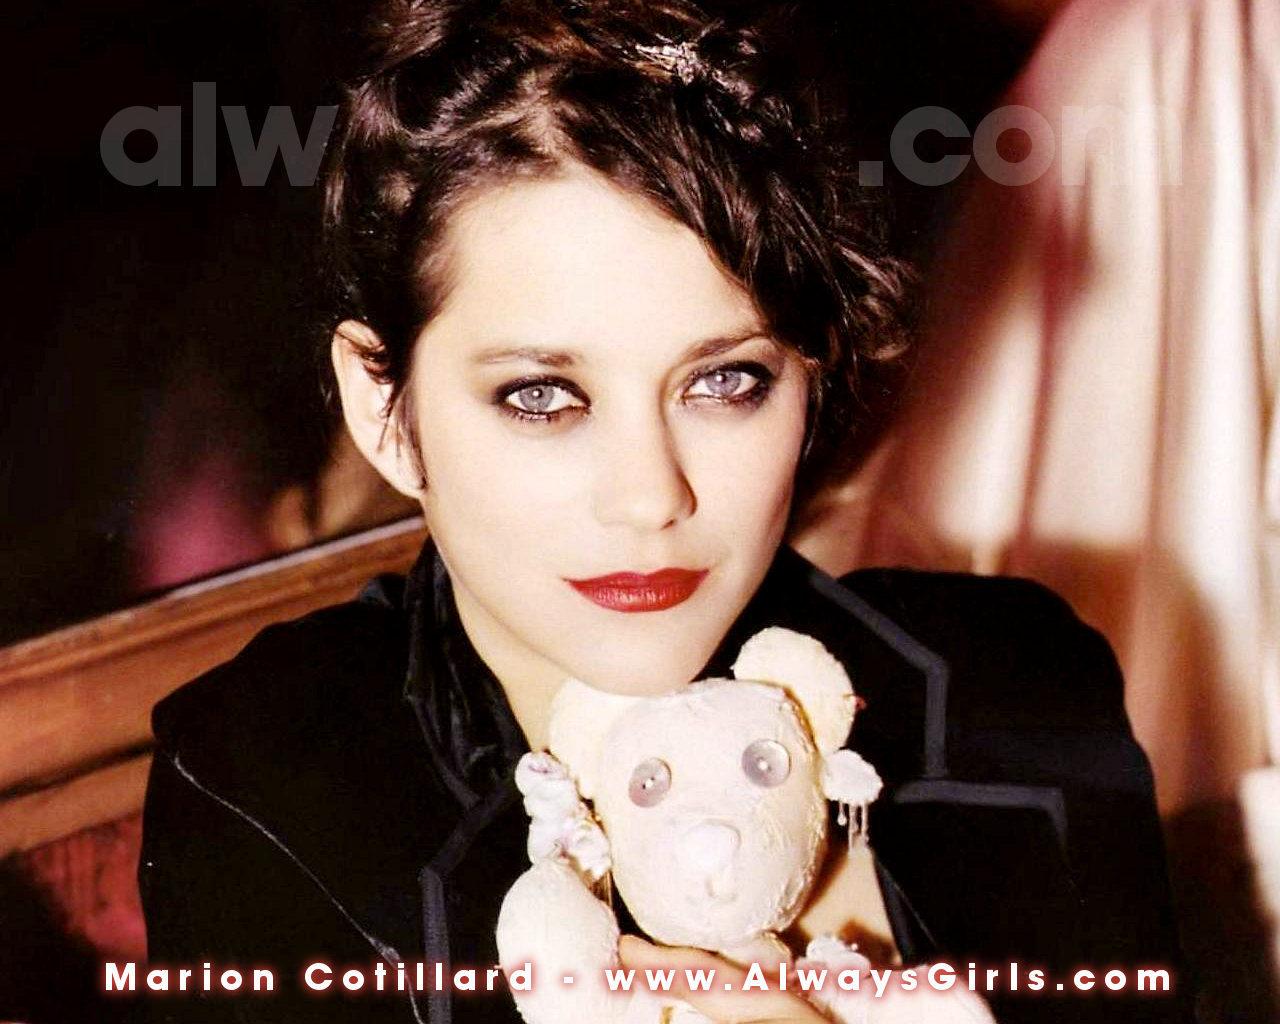 Marion Cotillard image...